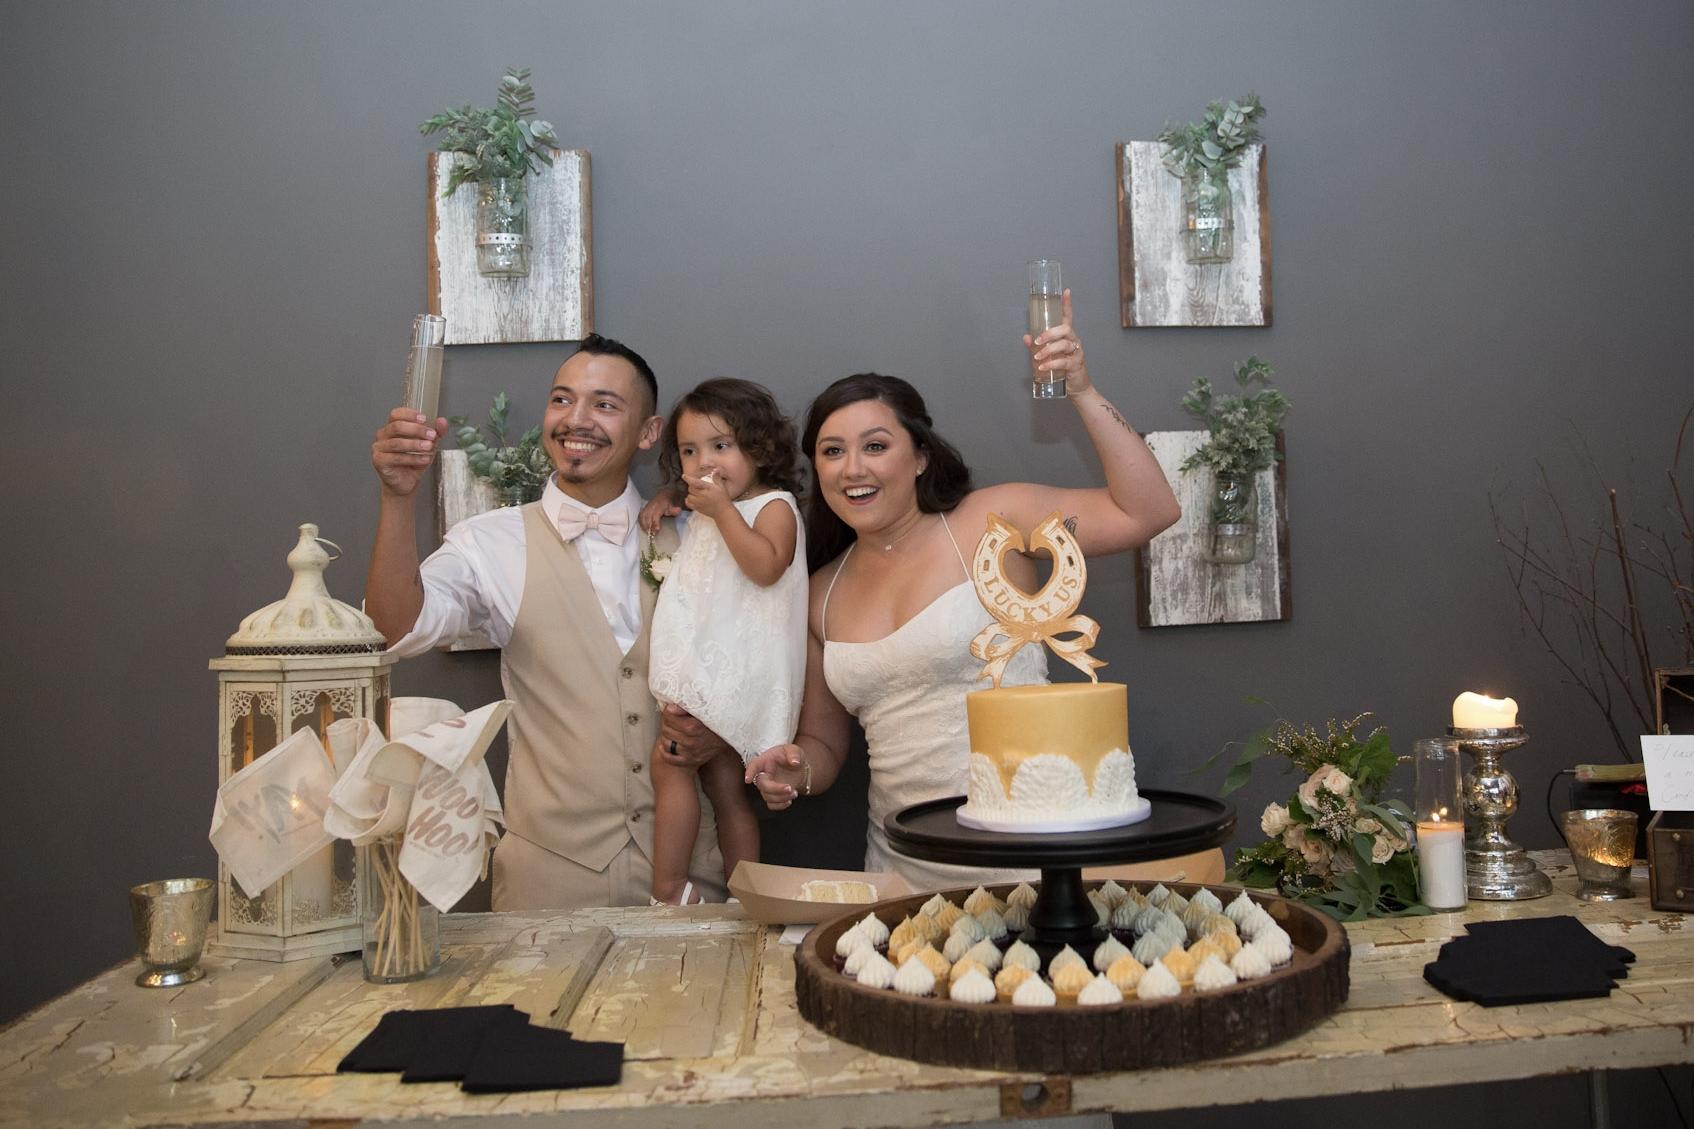 Kansas_City_Small_Intimate_Budget_Wedding_Venue_IMG-164.jpg